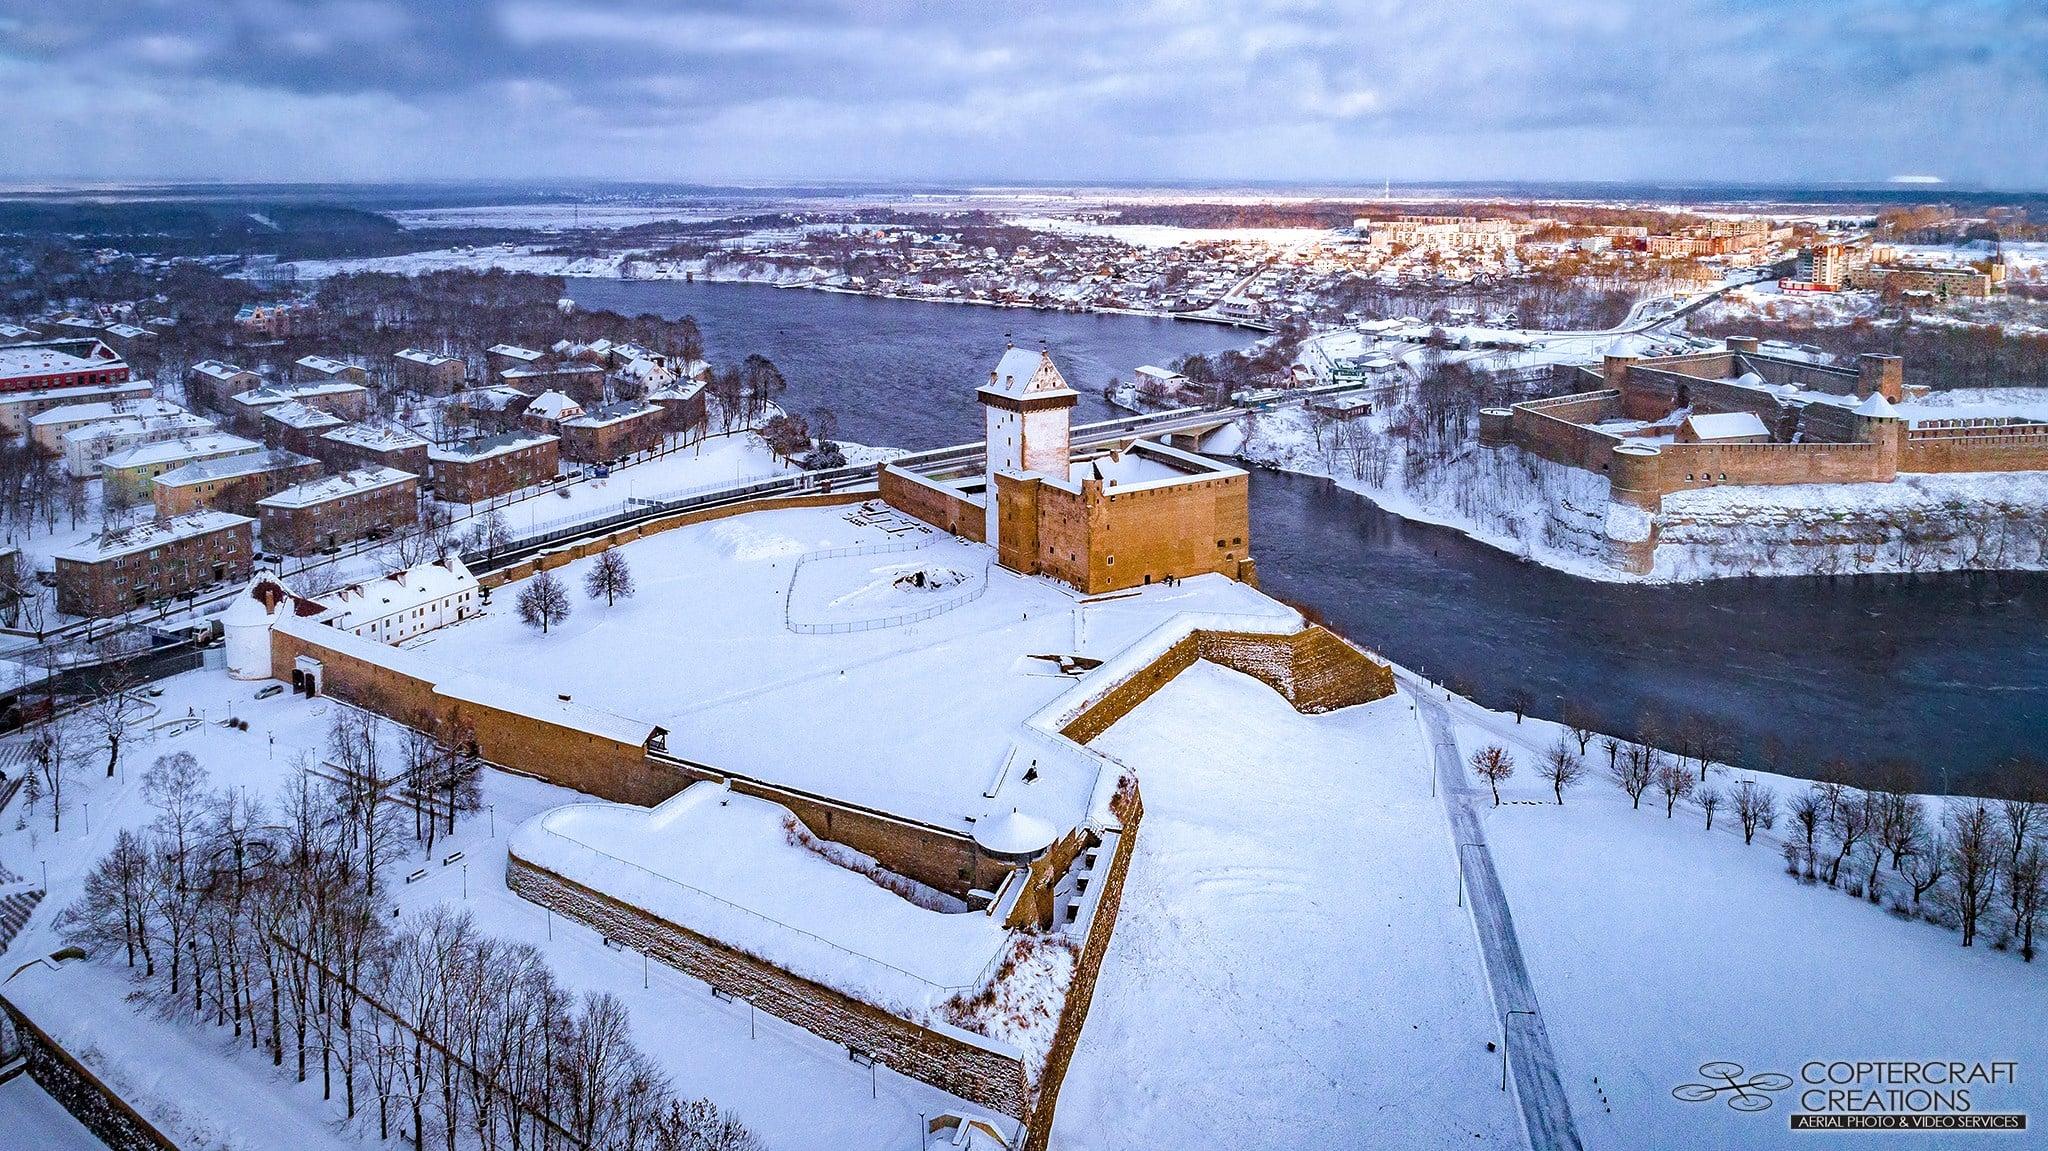 Нарвский музей приобрел базу данных russianestonia.eu и готовится к созданию музея истории города.